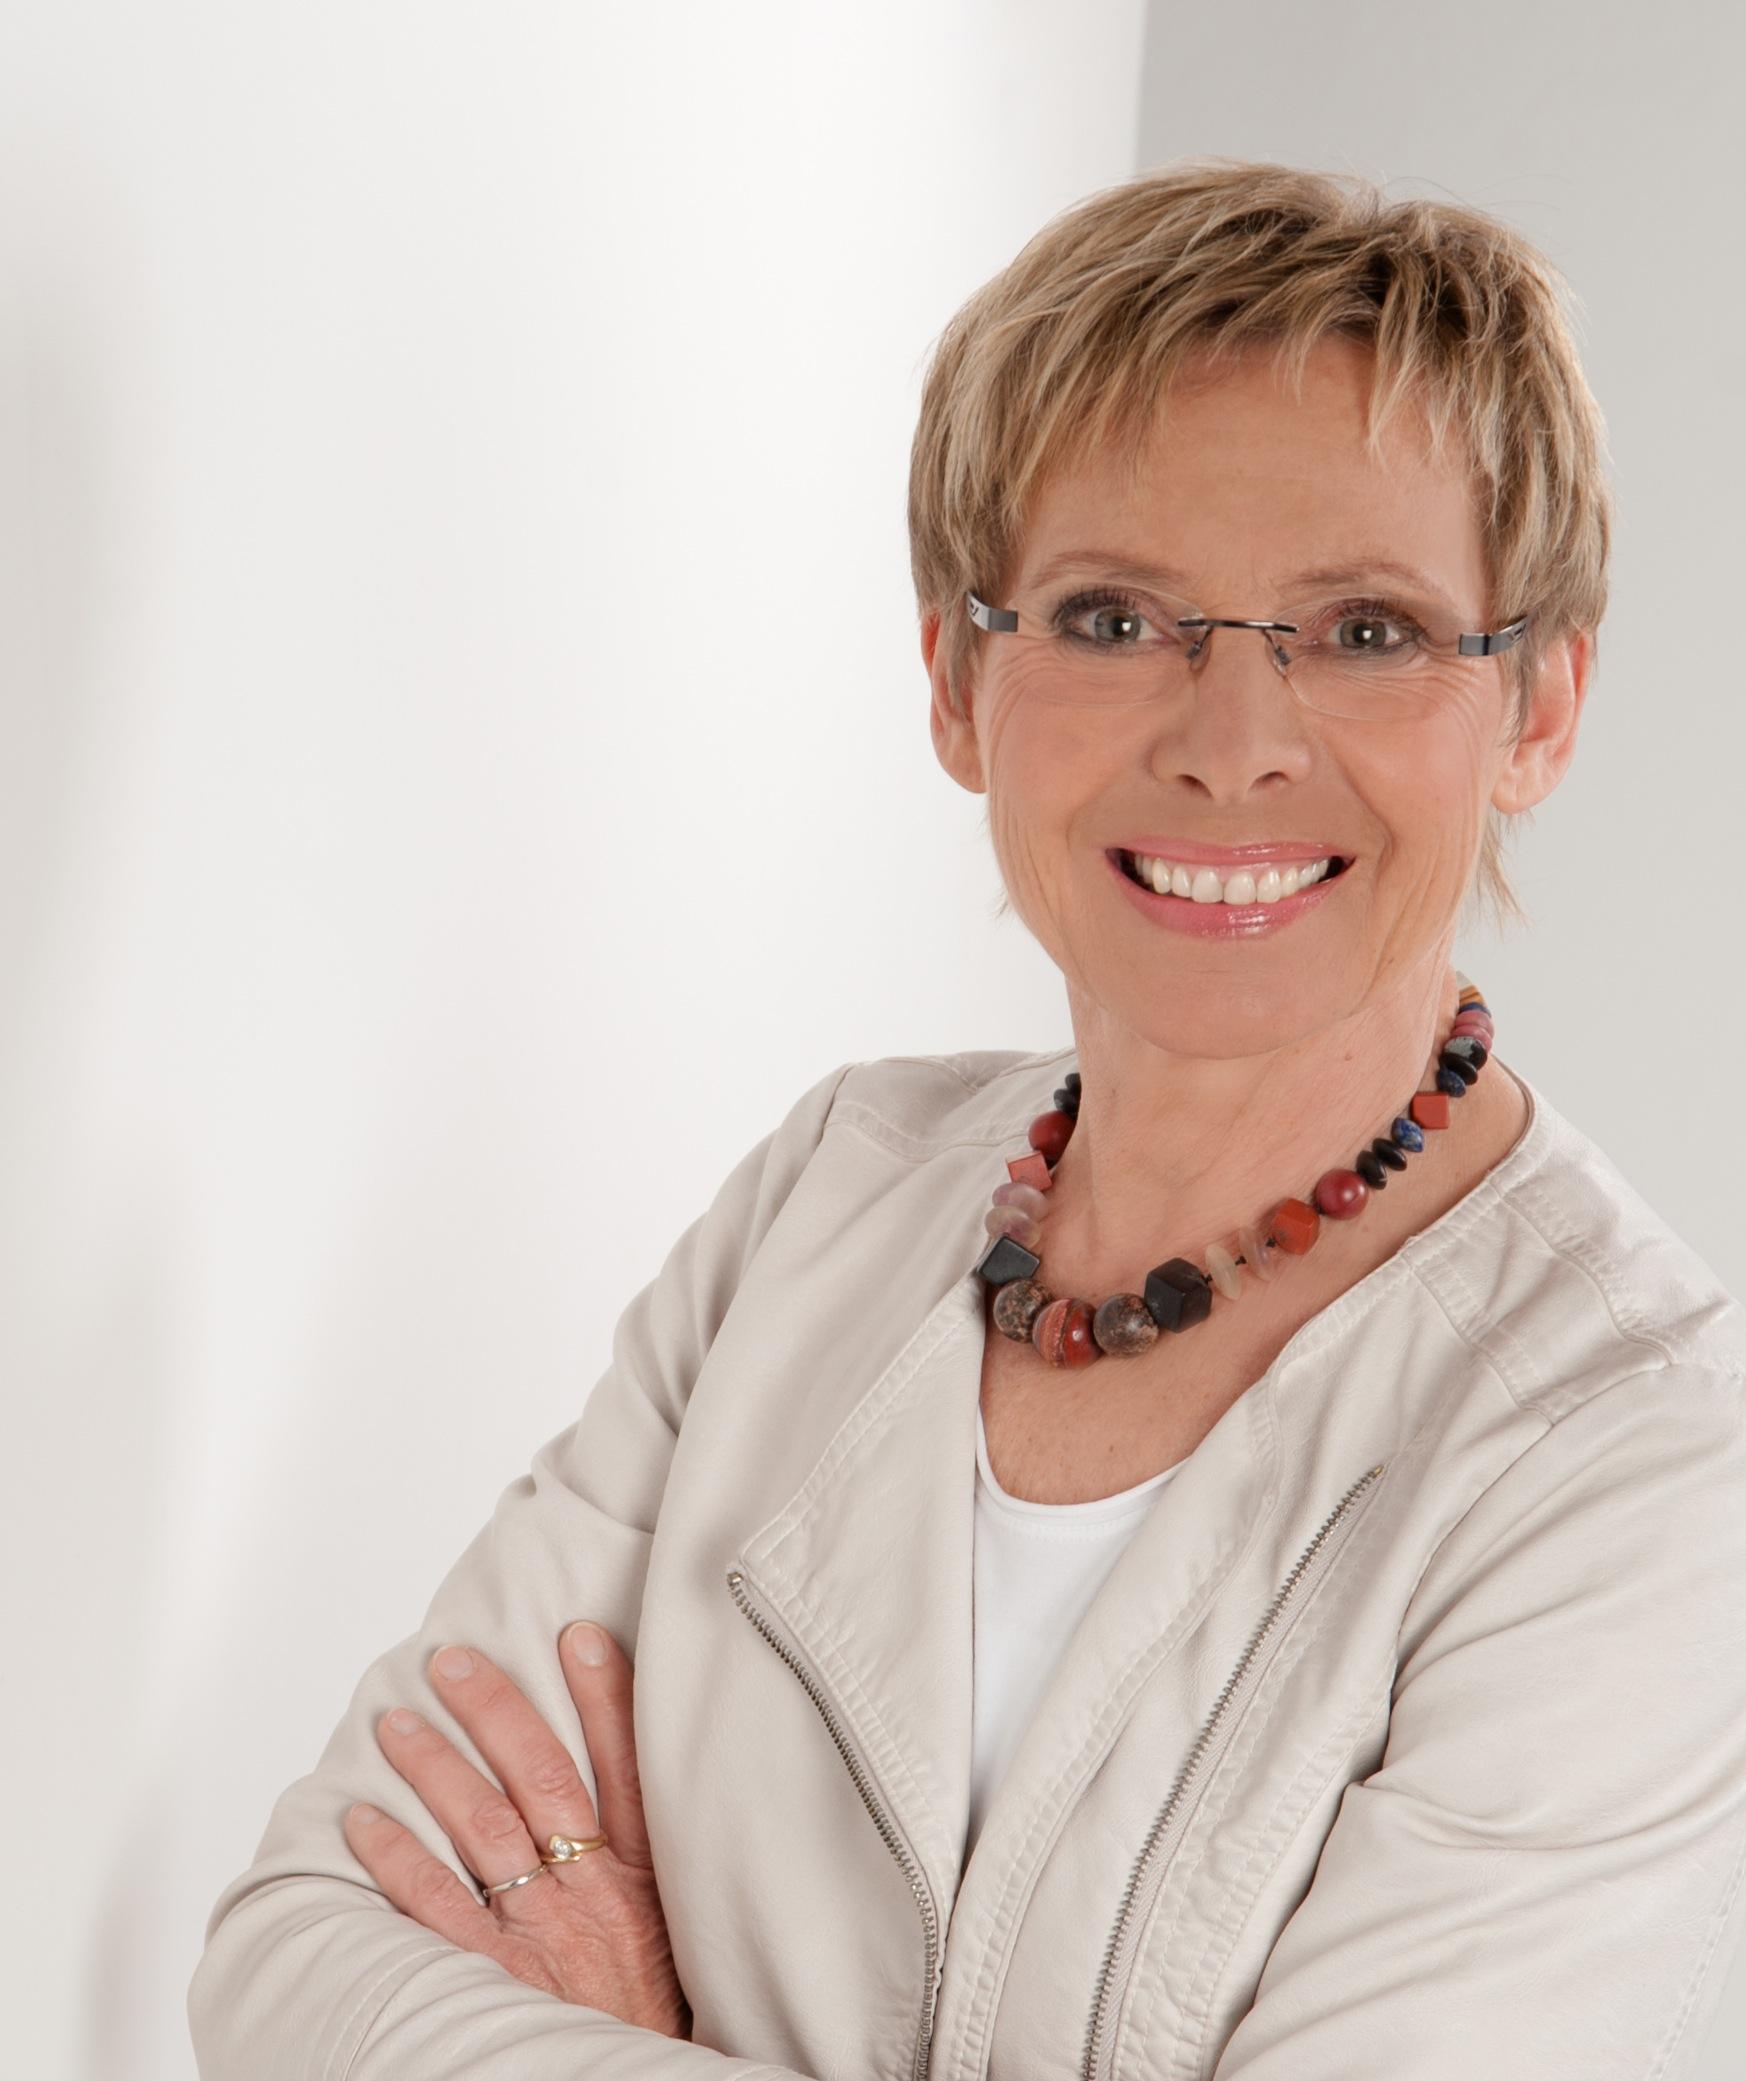 Helga Lange